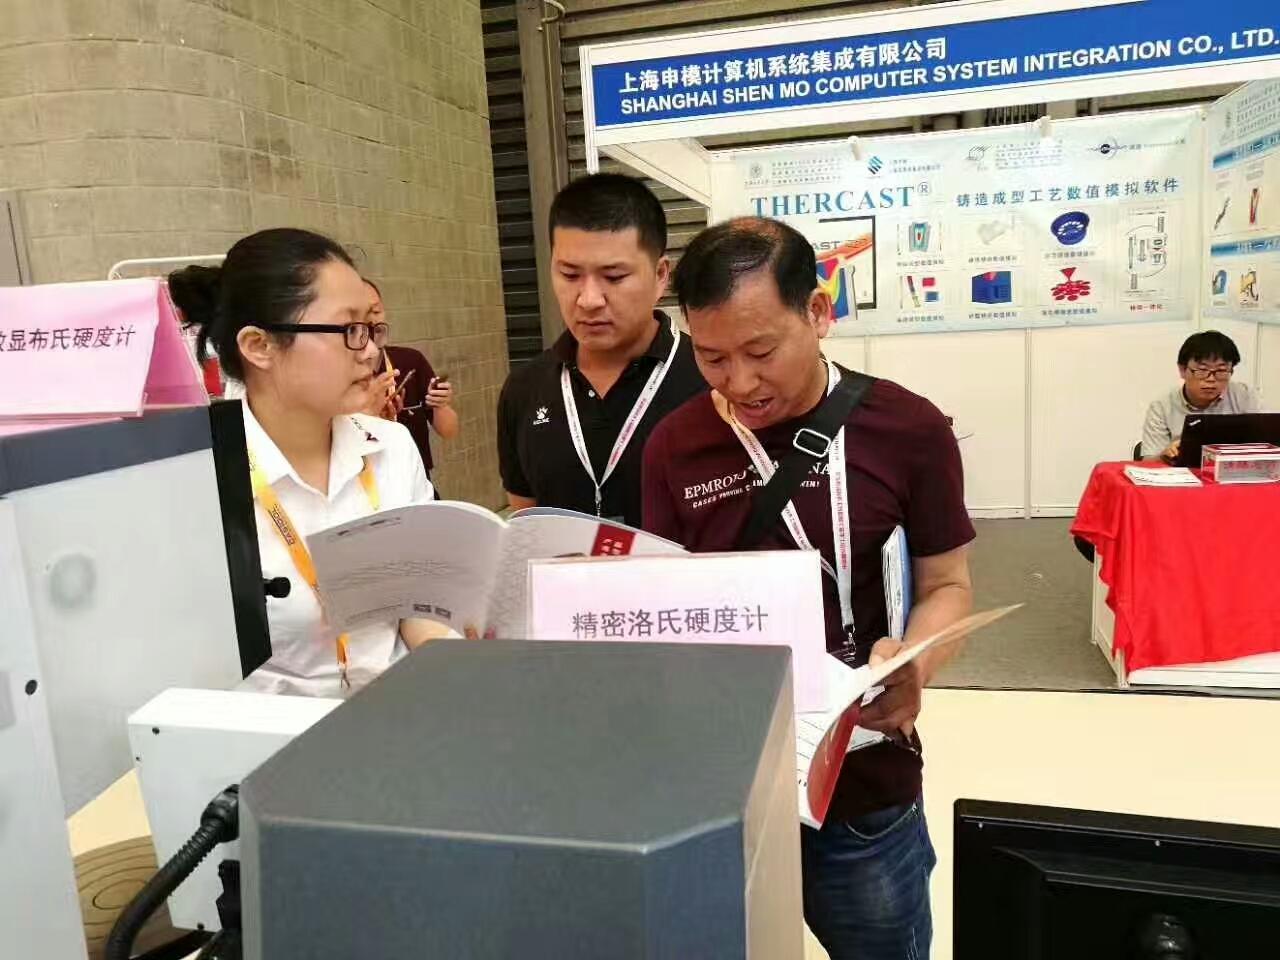 第十二屆中國國際壓鑄會議及展覽會奧龍星迪在進行